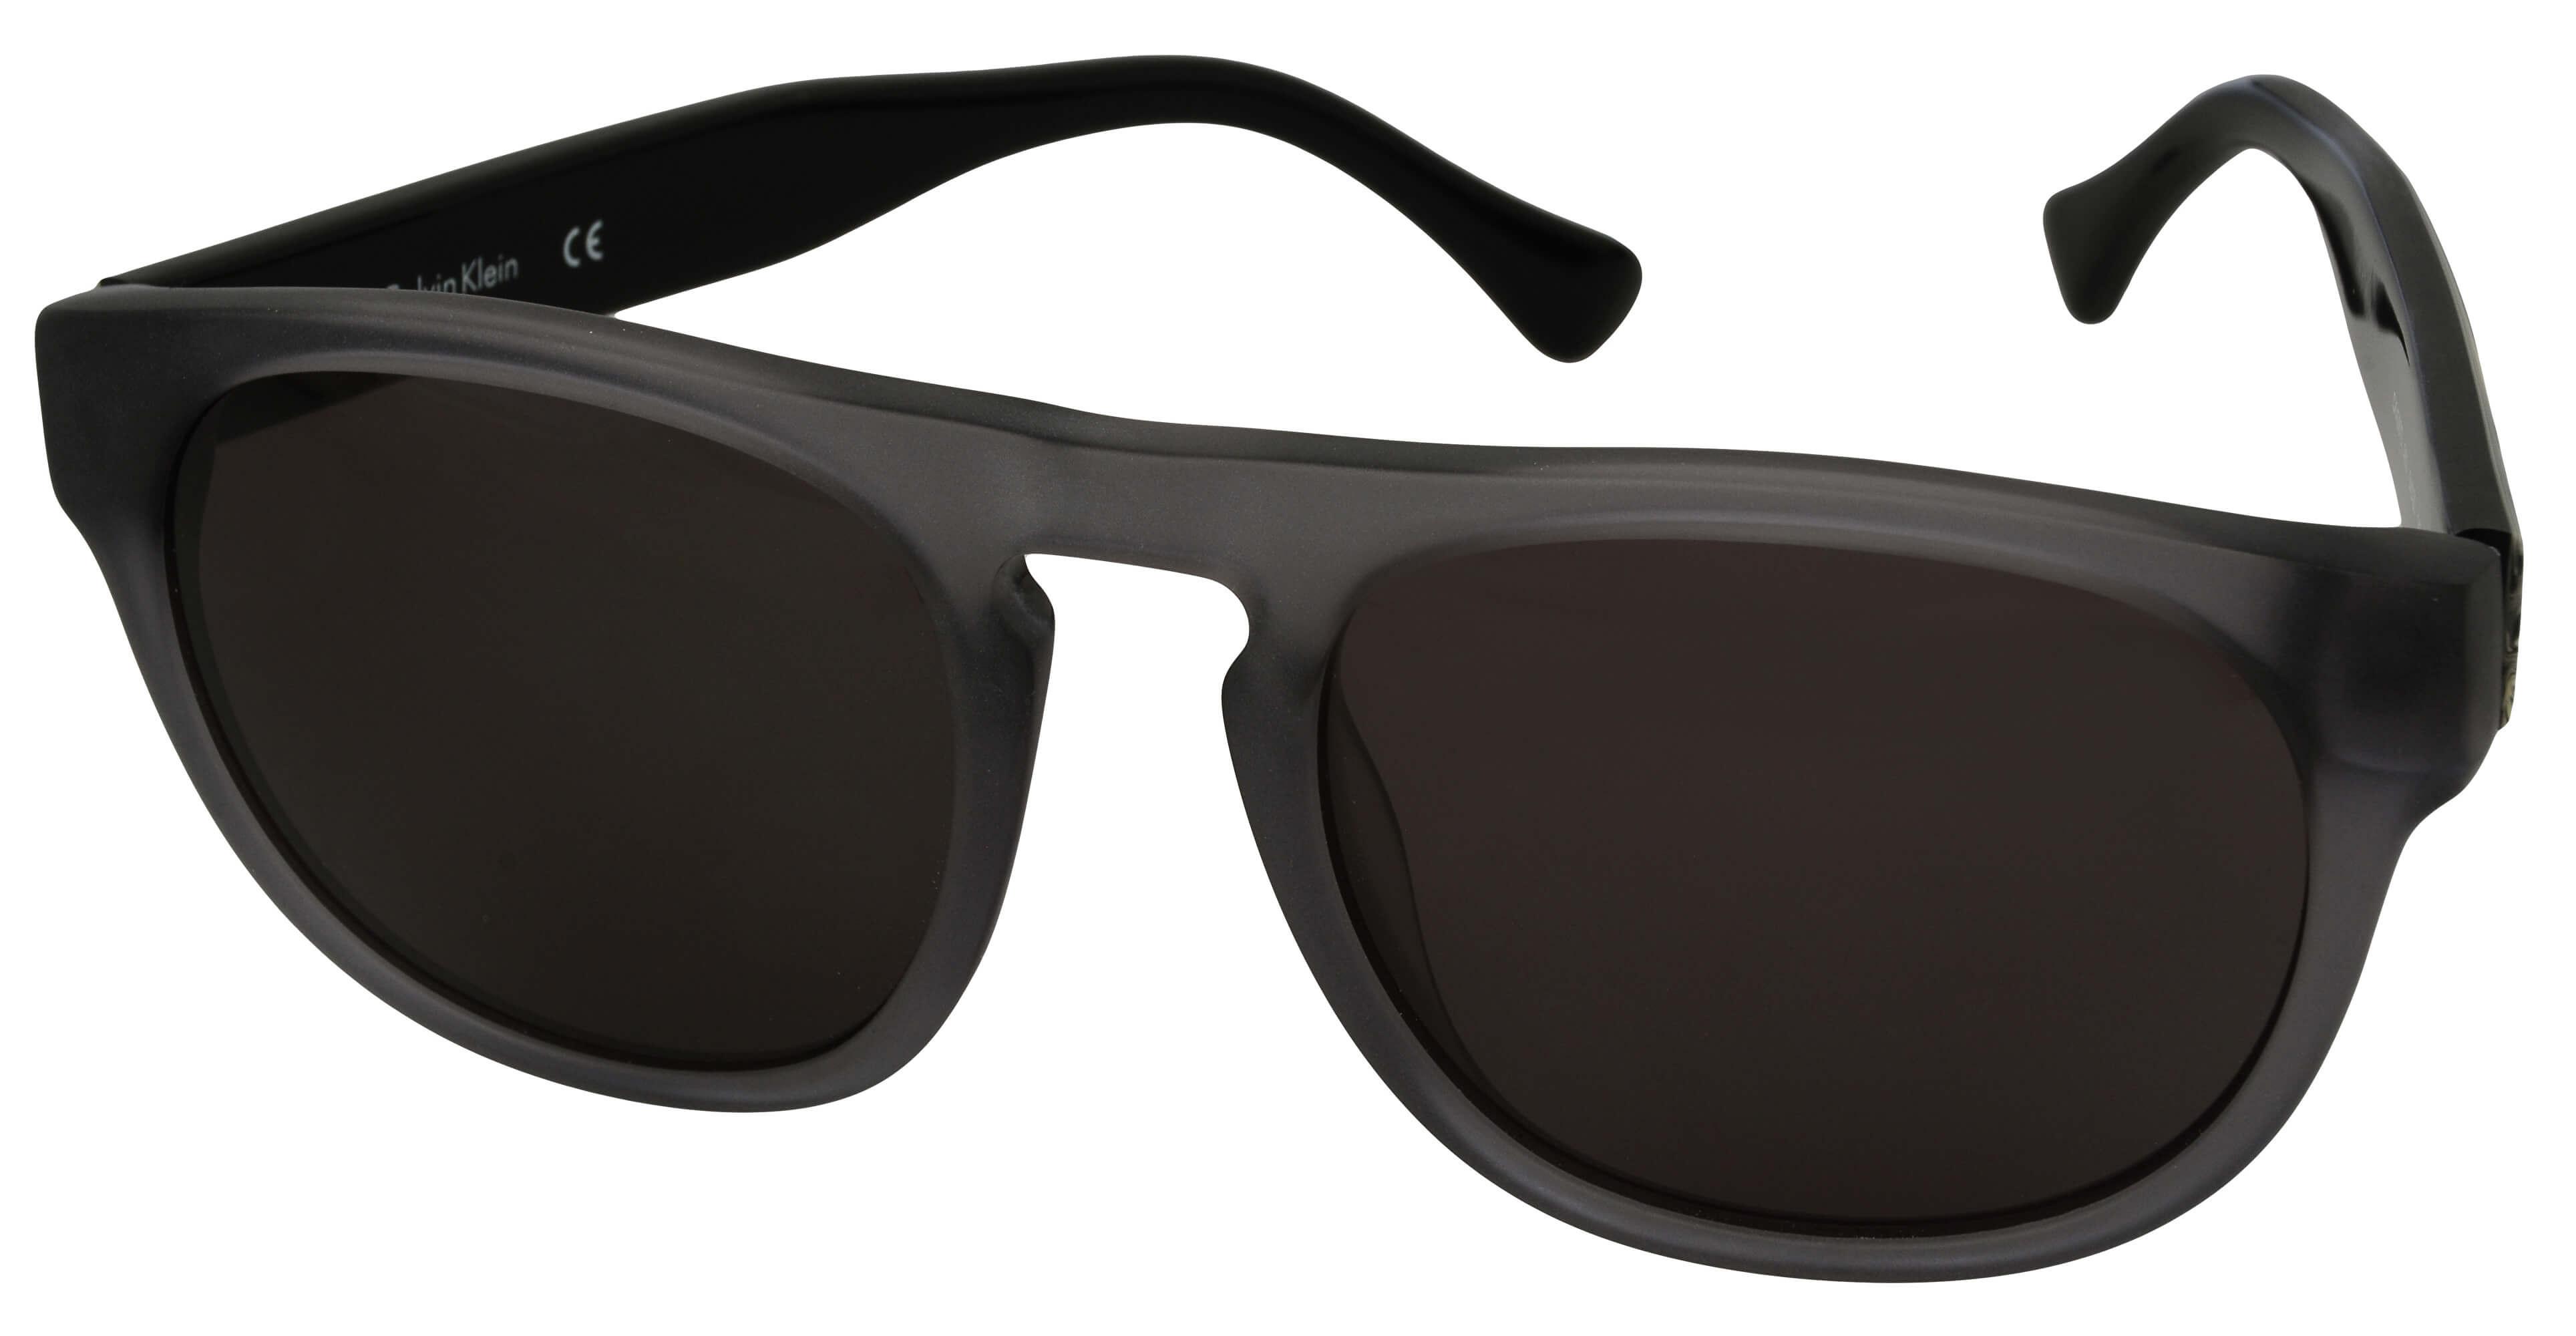 Calvin Klein Sluneční brýle CK4287S 063 Doprava ZDARMA  3cbe8c668e